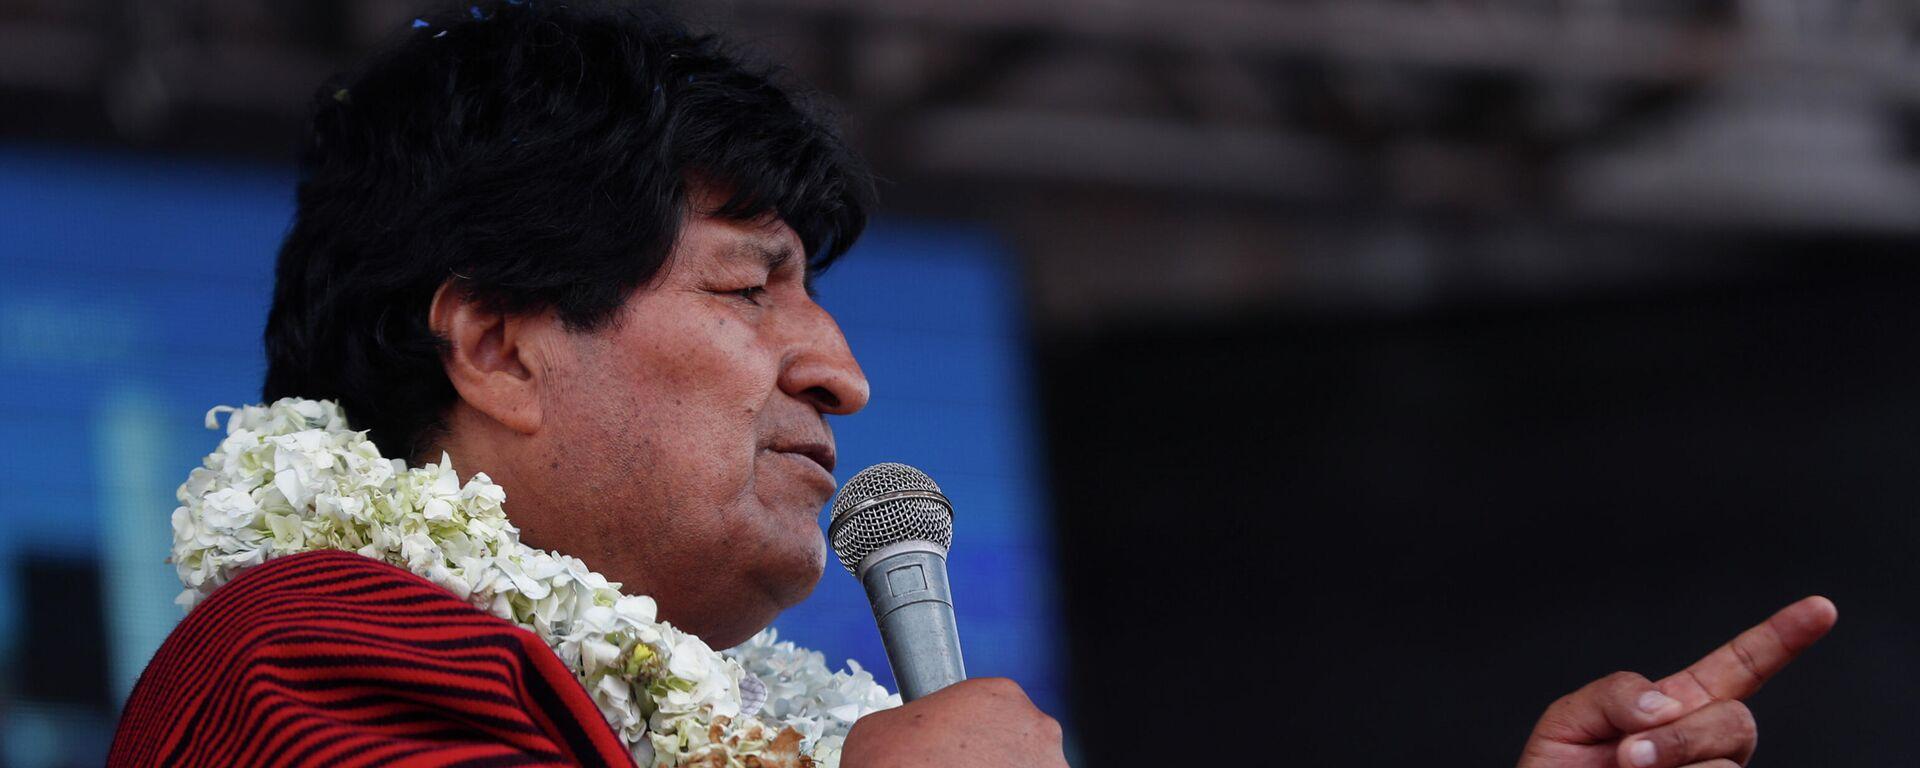 Evo Morales, expresidente de Bolivia - Sputnik Mundo, 1920, 13.04.2021